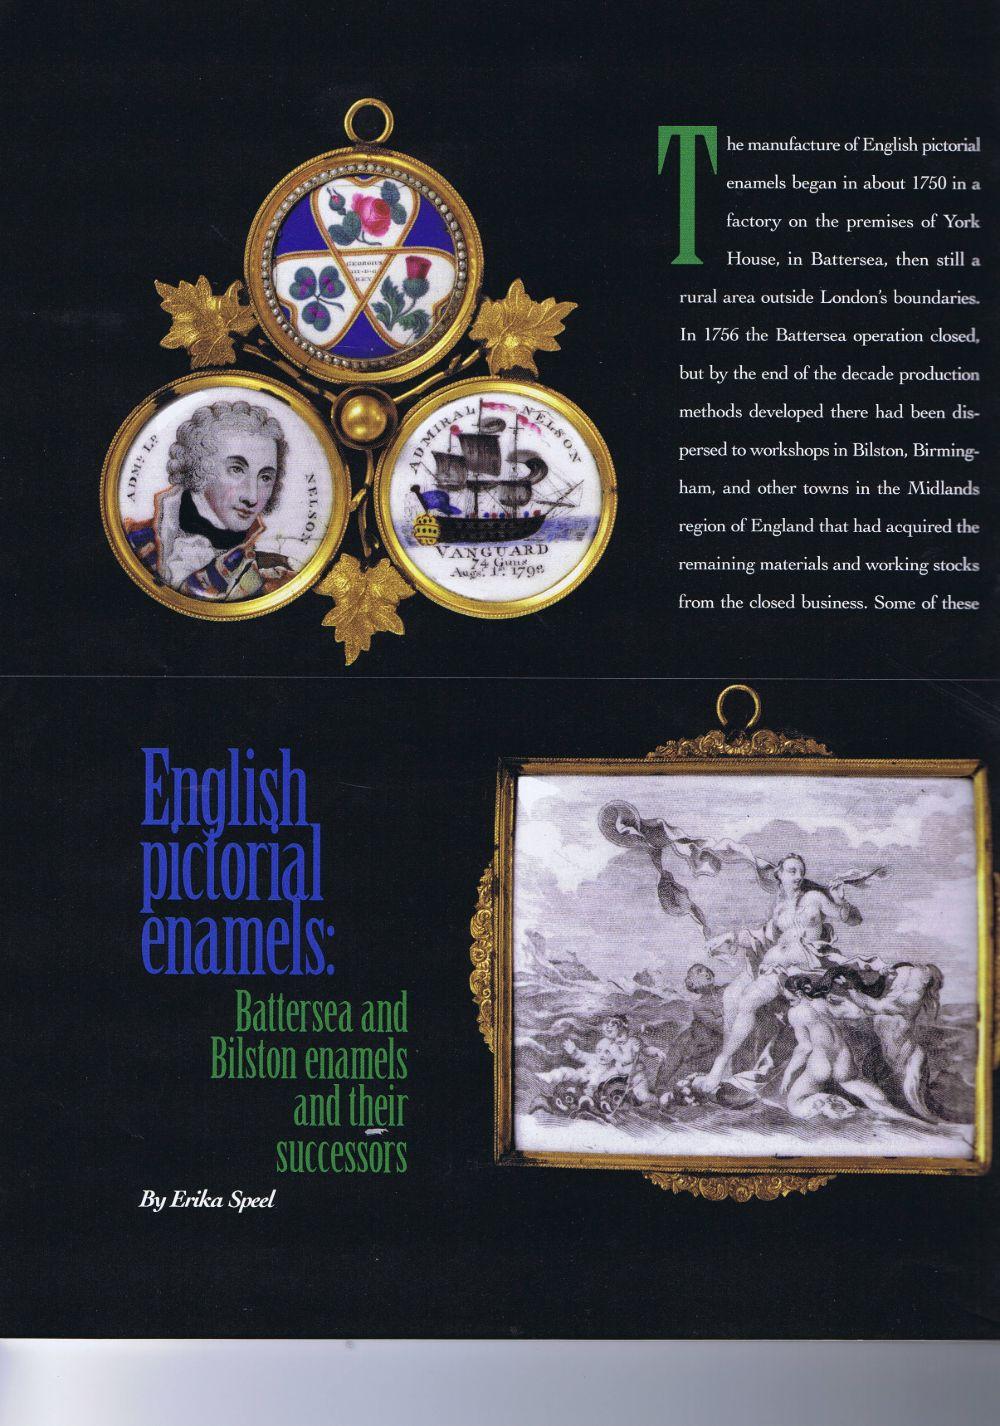 the magazine antiques07 April 2006.1